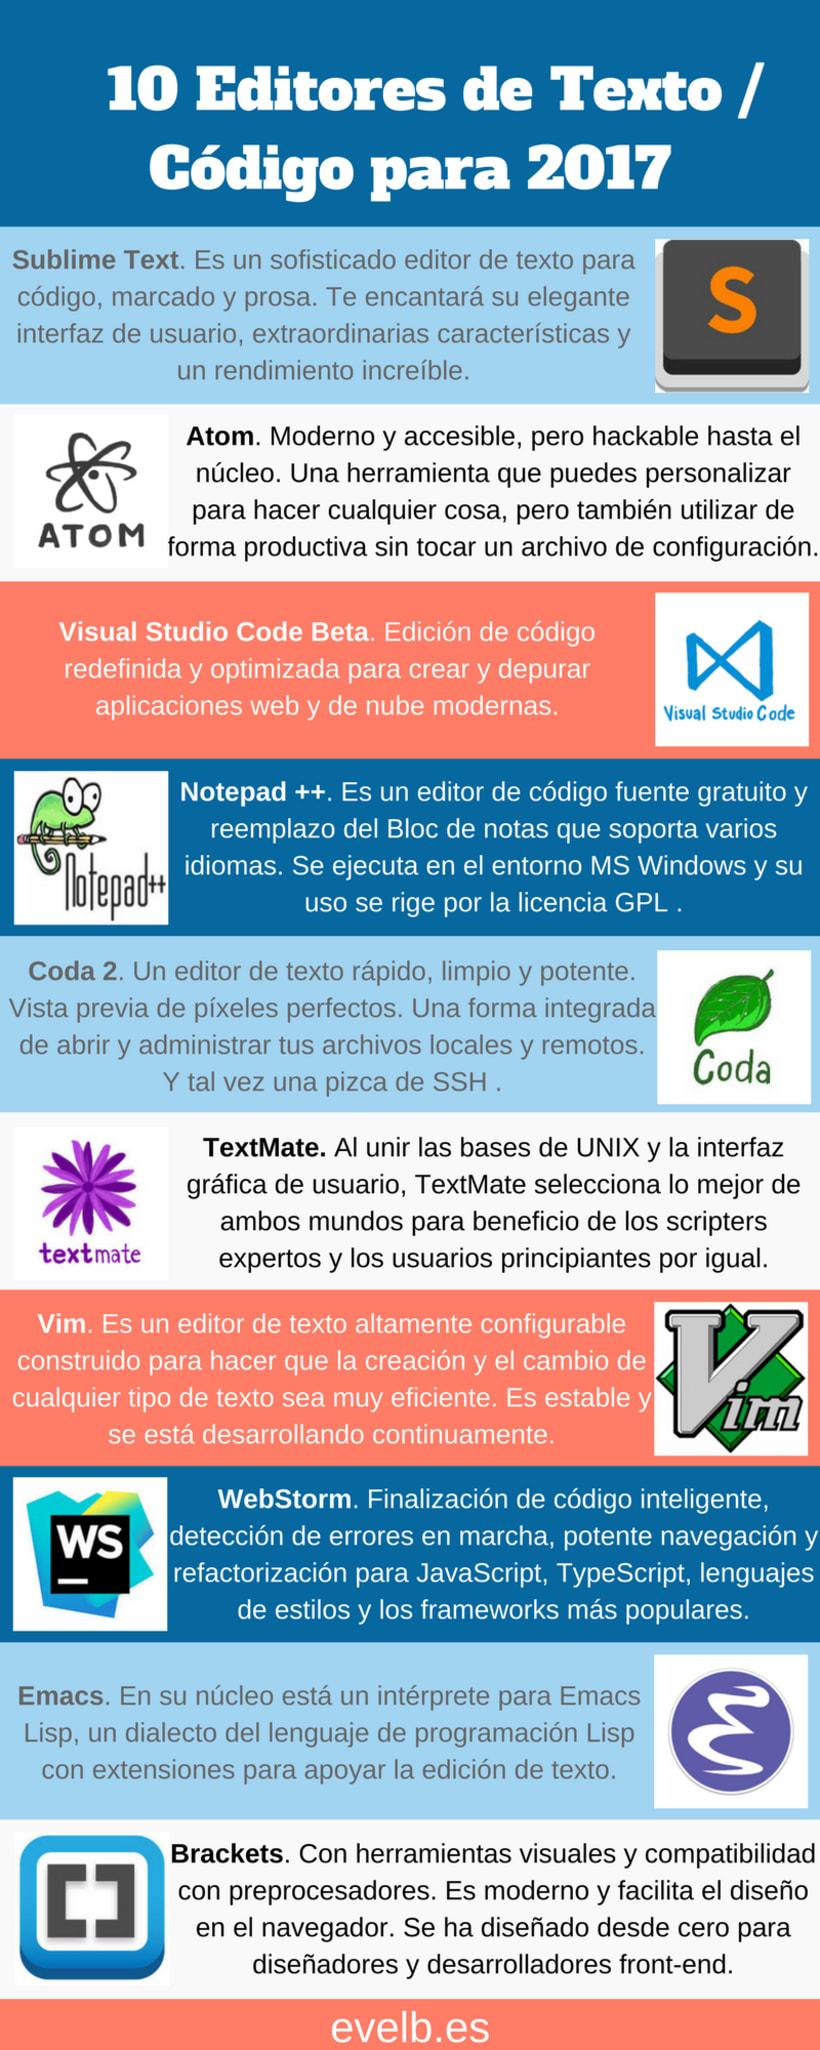 Infografías evelb.es 31